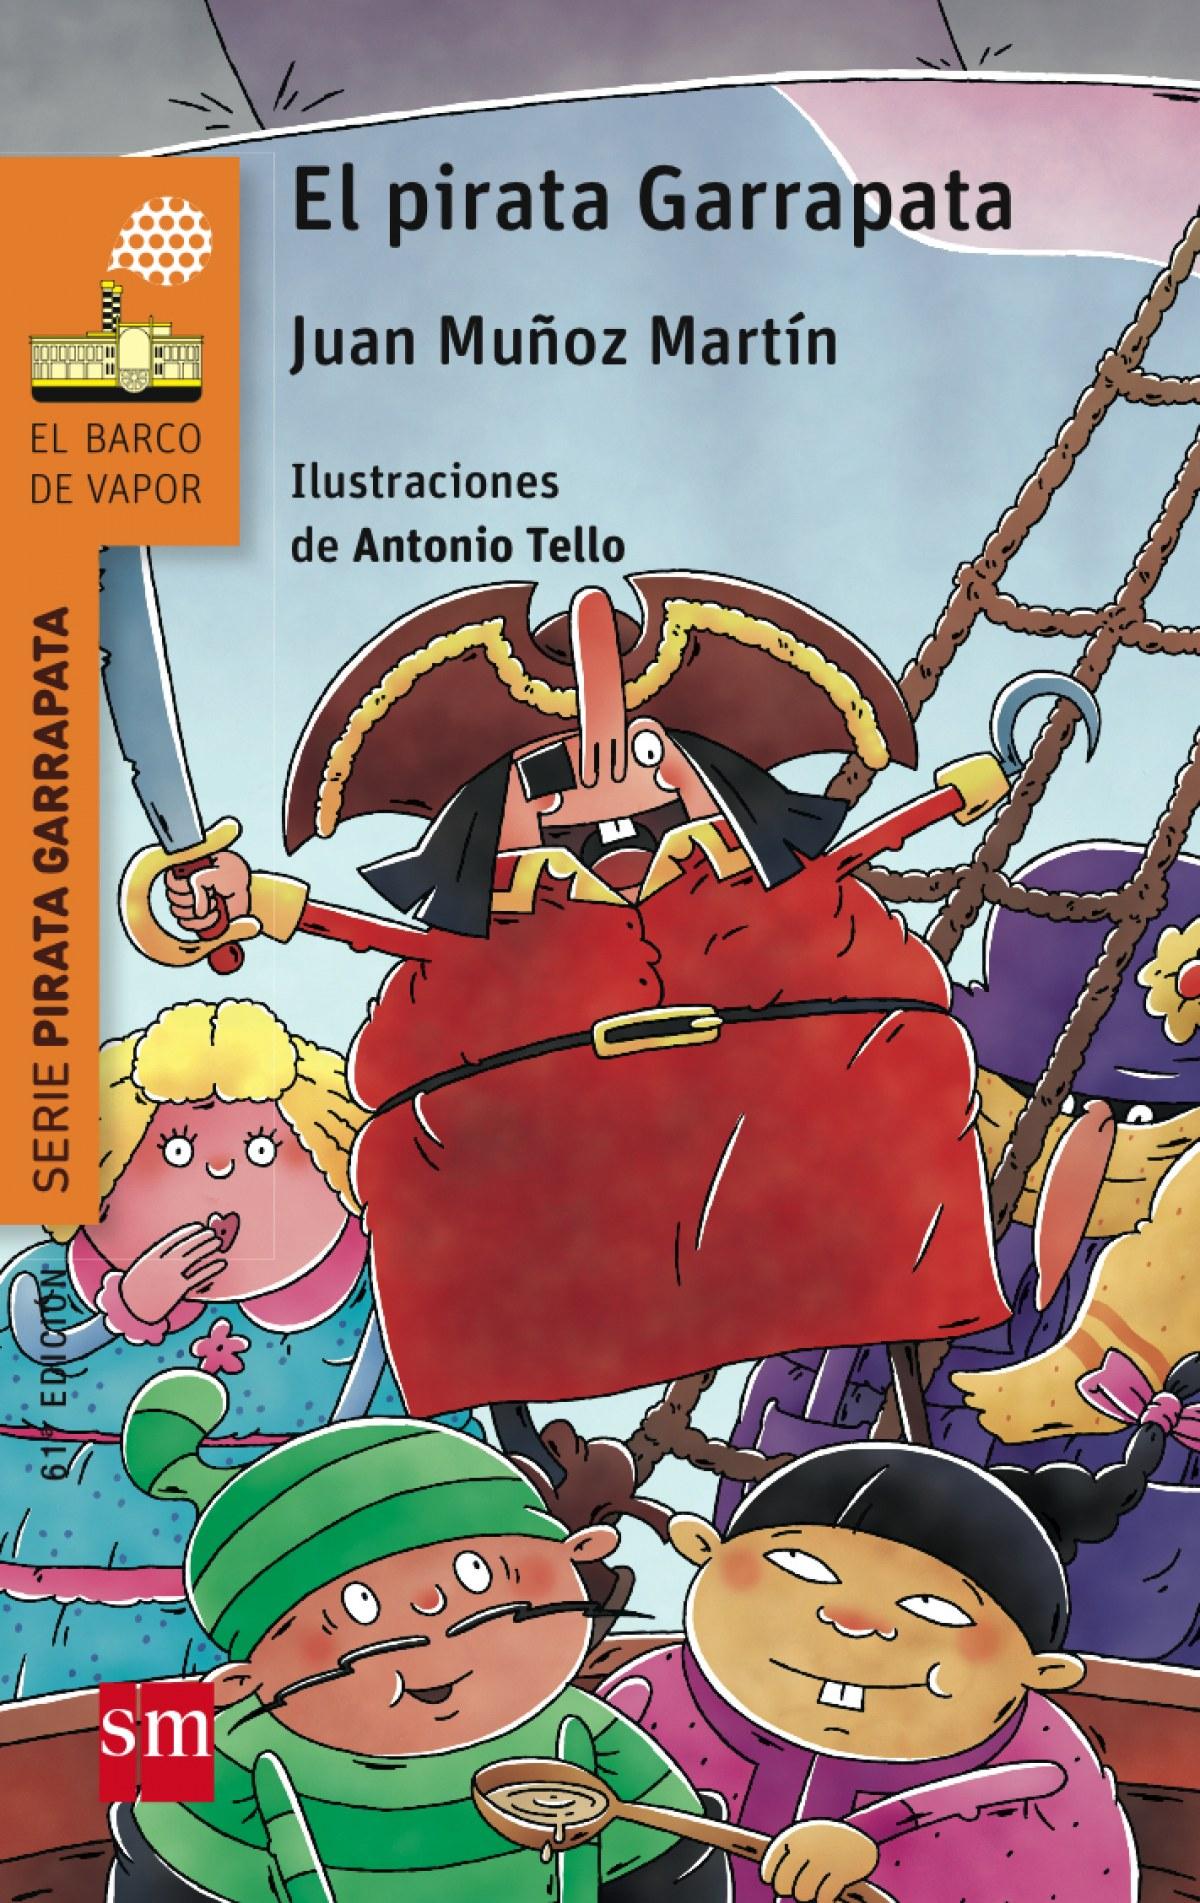 El pirata garrapata 9788467577112